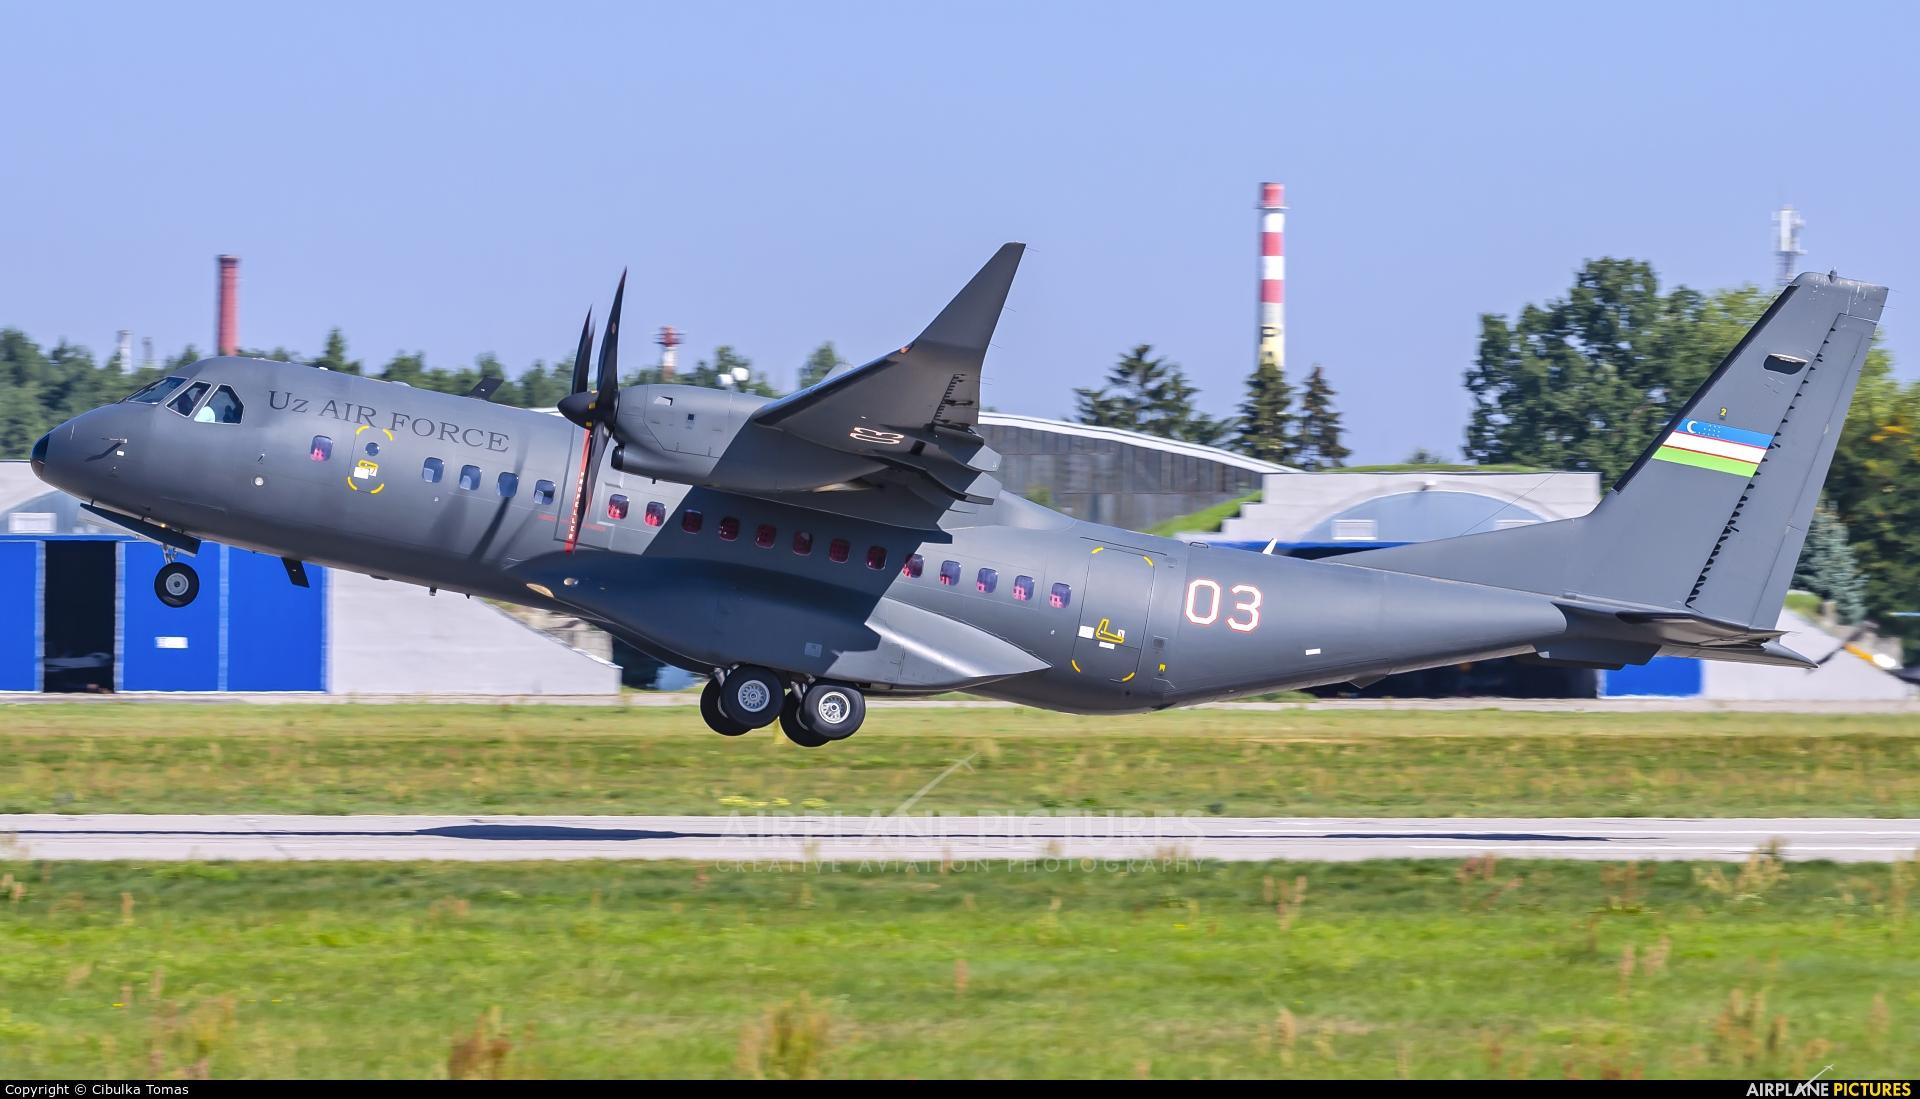 Uzbekistan Air Force 03 aircraft at Pardubice